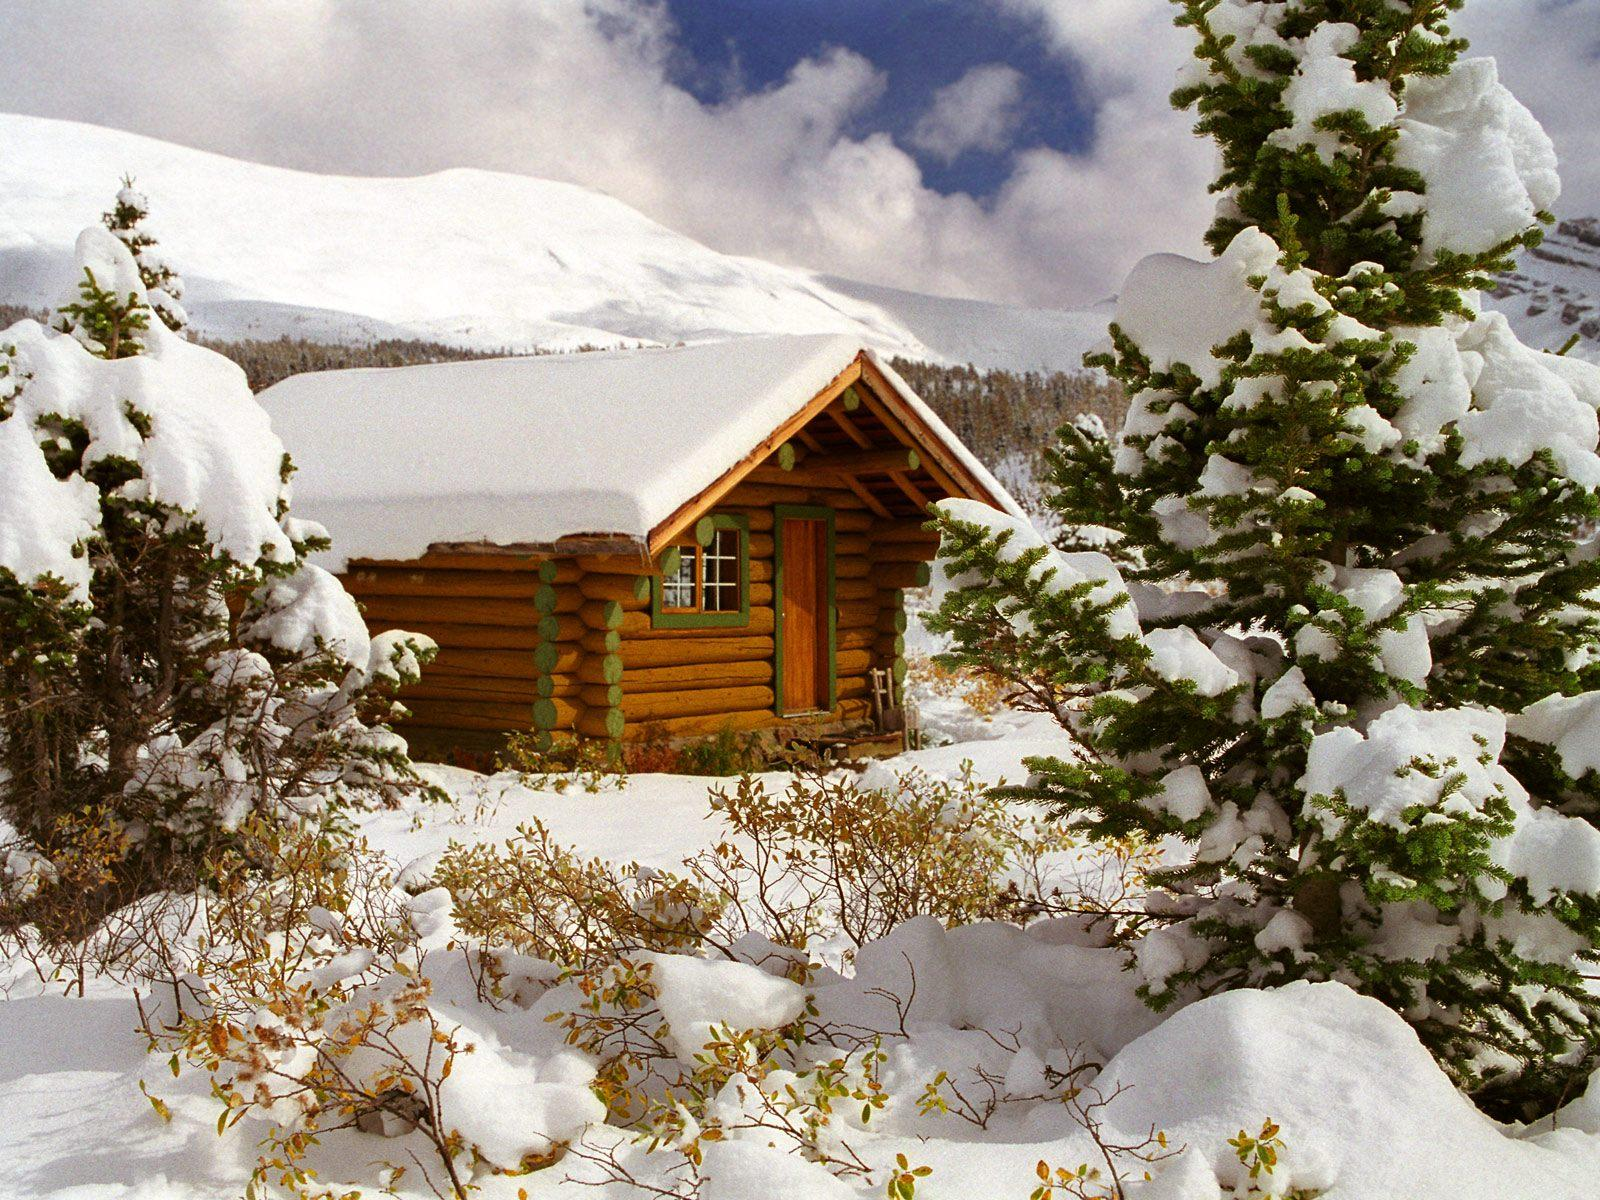 Домик в снегу в зимнем лесу обои 1600x1200